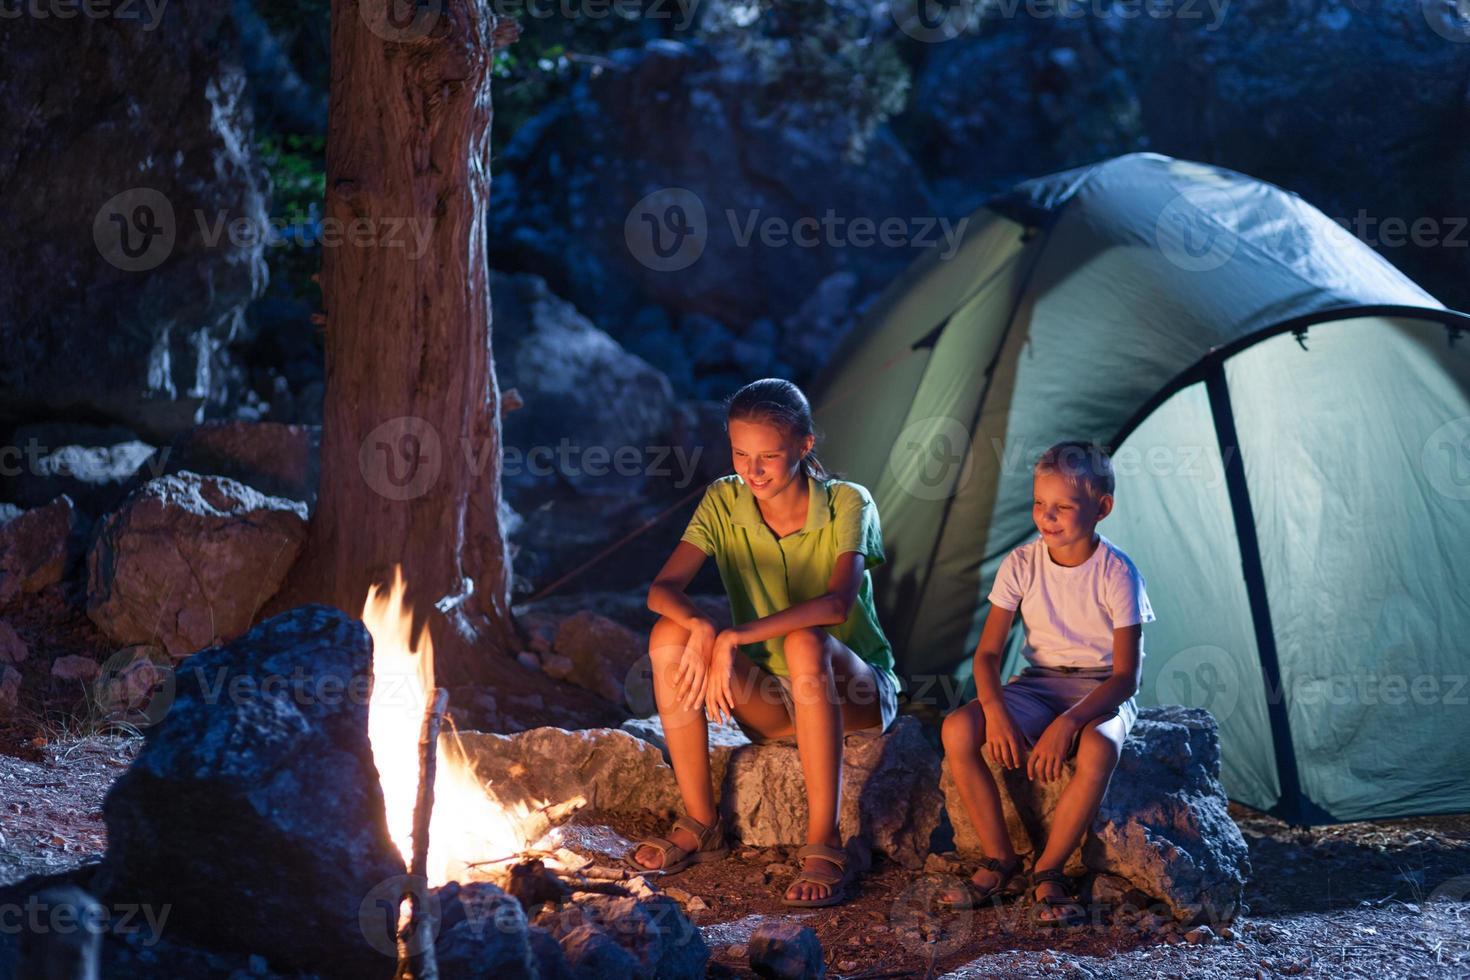 sœur avec frère au feu de camp photo